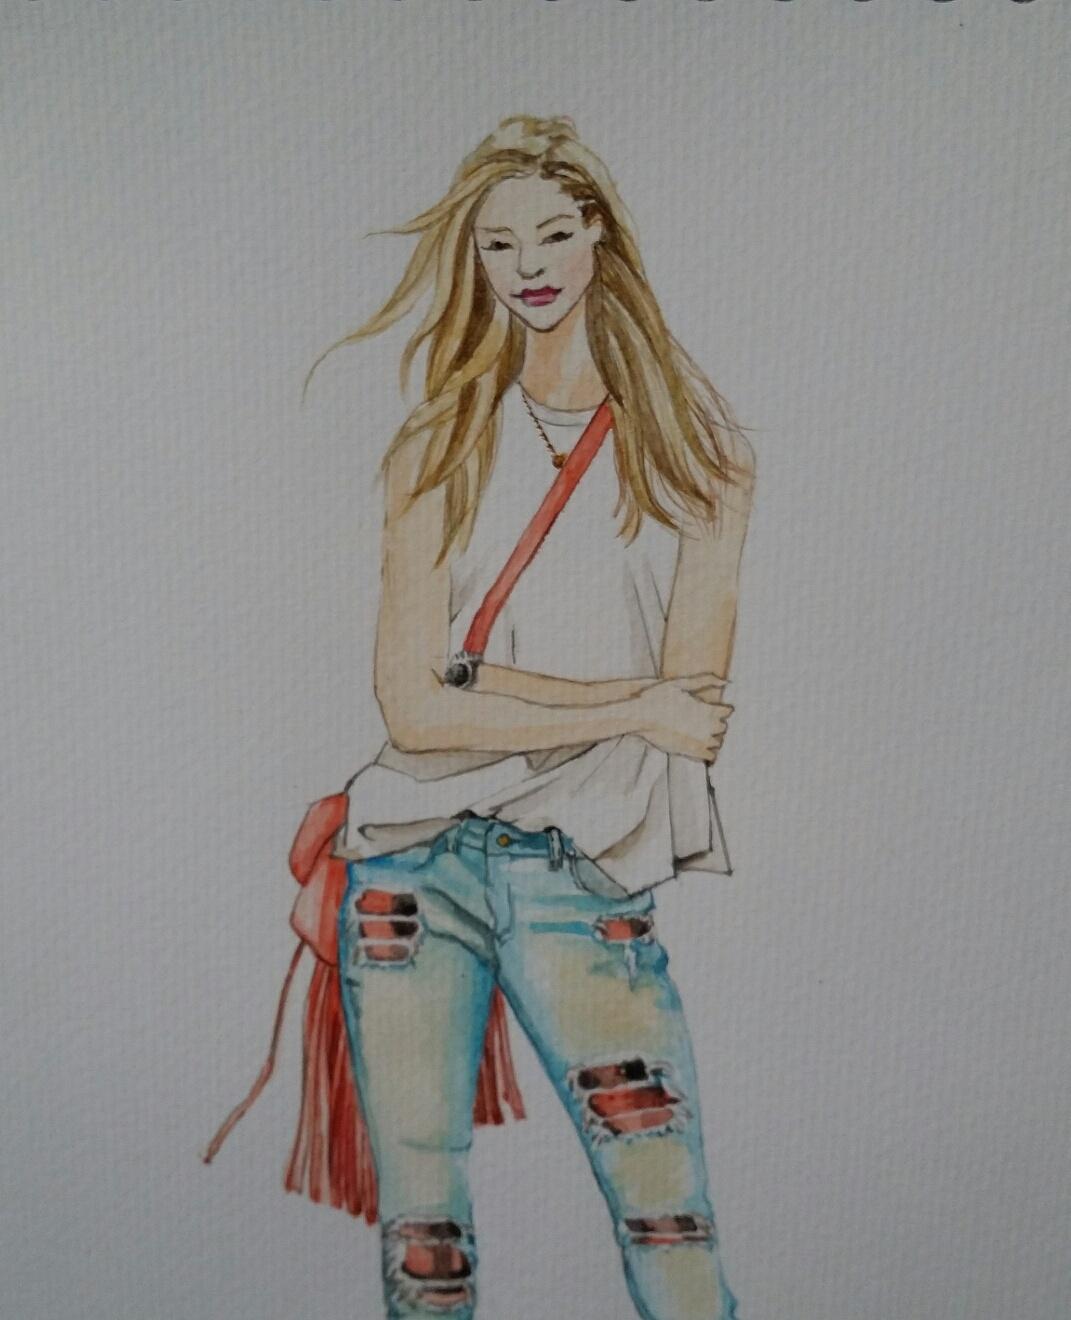 手绘服装插画(女装) 服装 休闲/流行服饰 箐蛙 - 原创